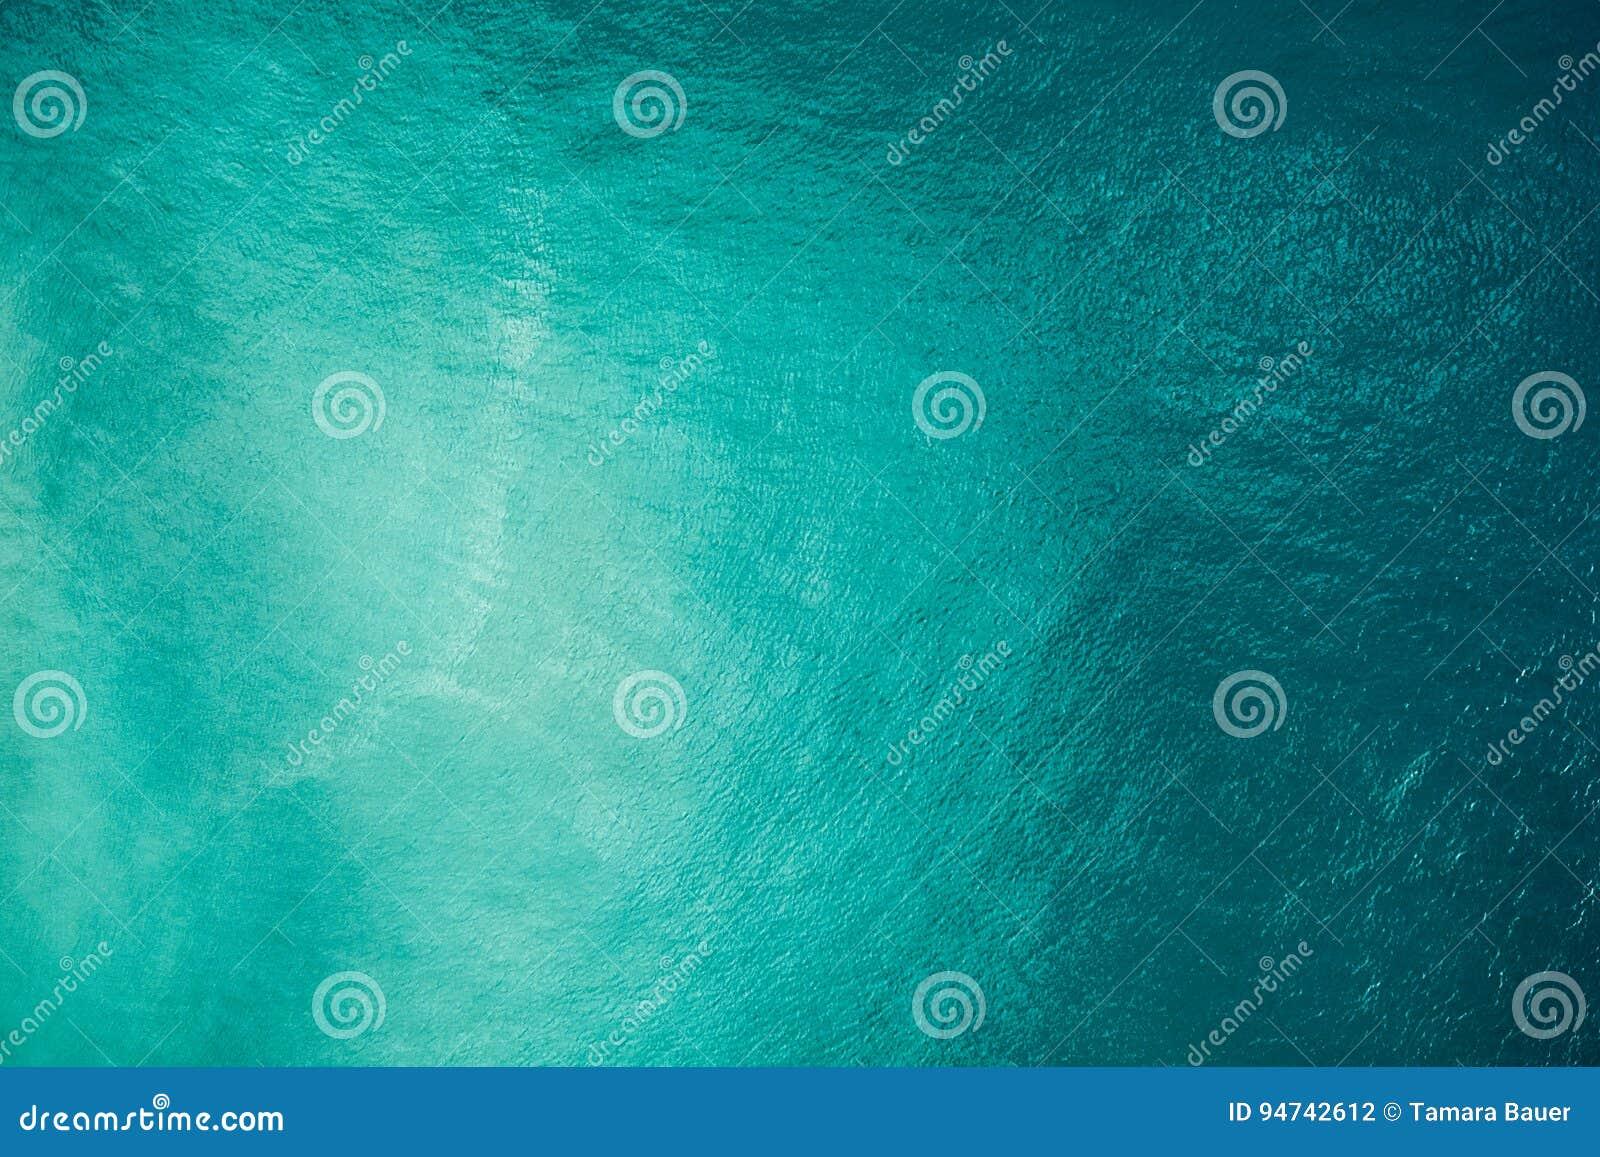 Aerial ocean view